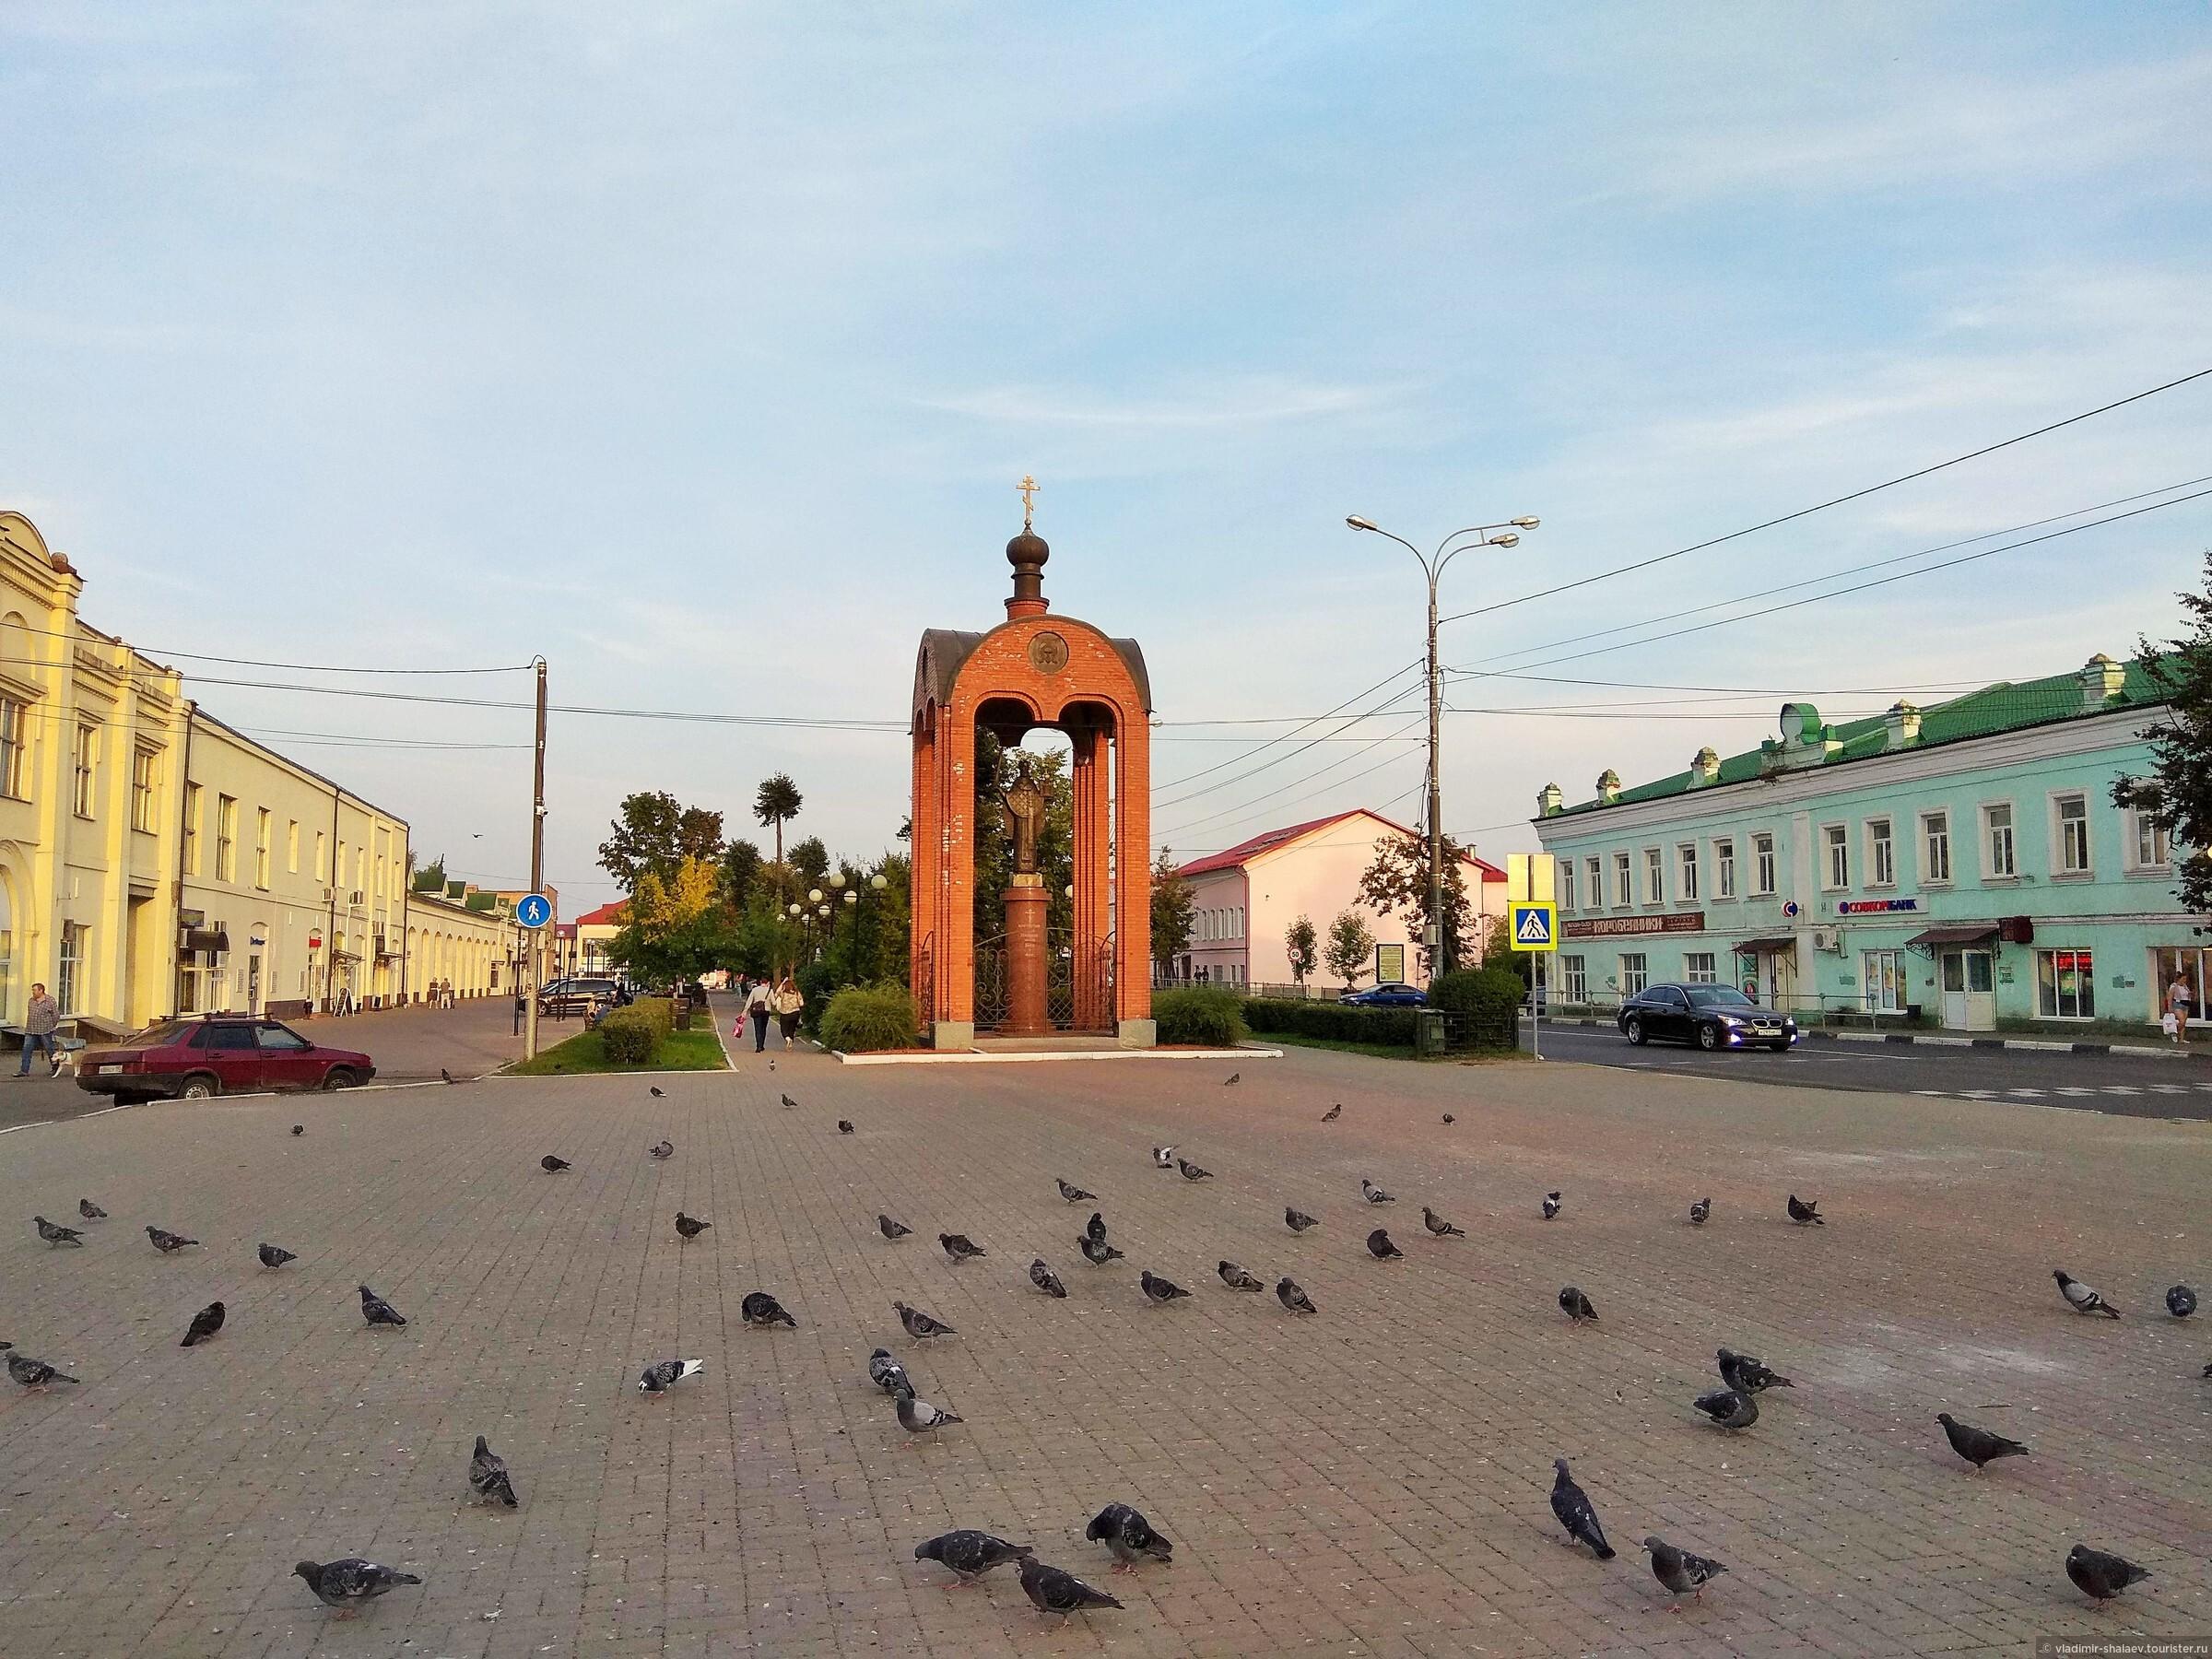 Можайск — город на западных рубежах Московской области. О том, что вы попали в самый центр города можно судить по этой Торговой площади. Торговцев в тот момент не было, зато было много голубей. На дальнем плане - кирпичная часовня-сень над металлической копией Николы Можайского. А за неё уходит Ленинский сквер. С обеих сторон от Московской улицы стоят несколько вековых каменных домов., Попутный город